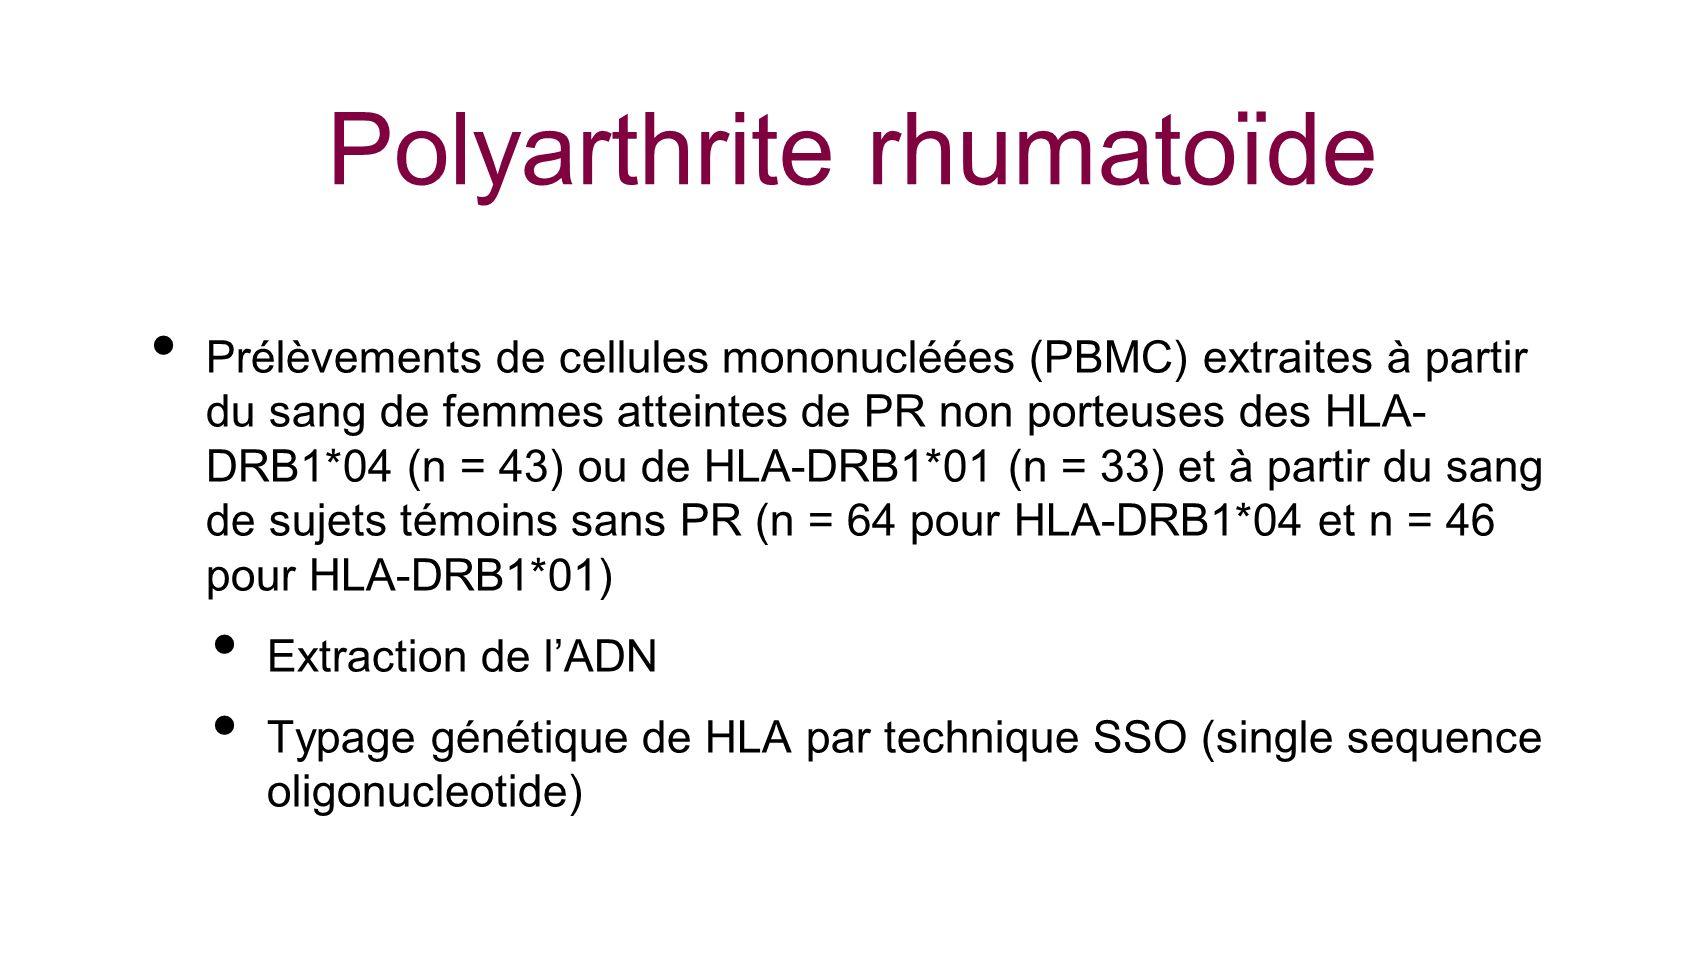 Polyarthrite rhumatoïde Prélèvements de cellules mononucléées (PBMC) extraites à partir du sang de femmes atteintes de PR non porteuses des HLA- DRB1*